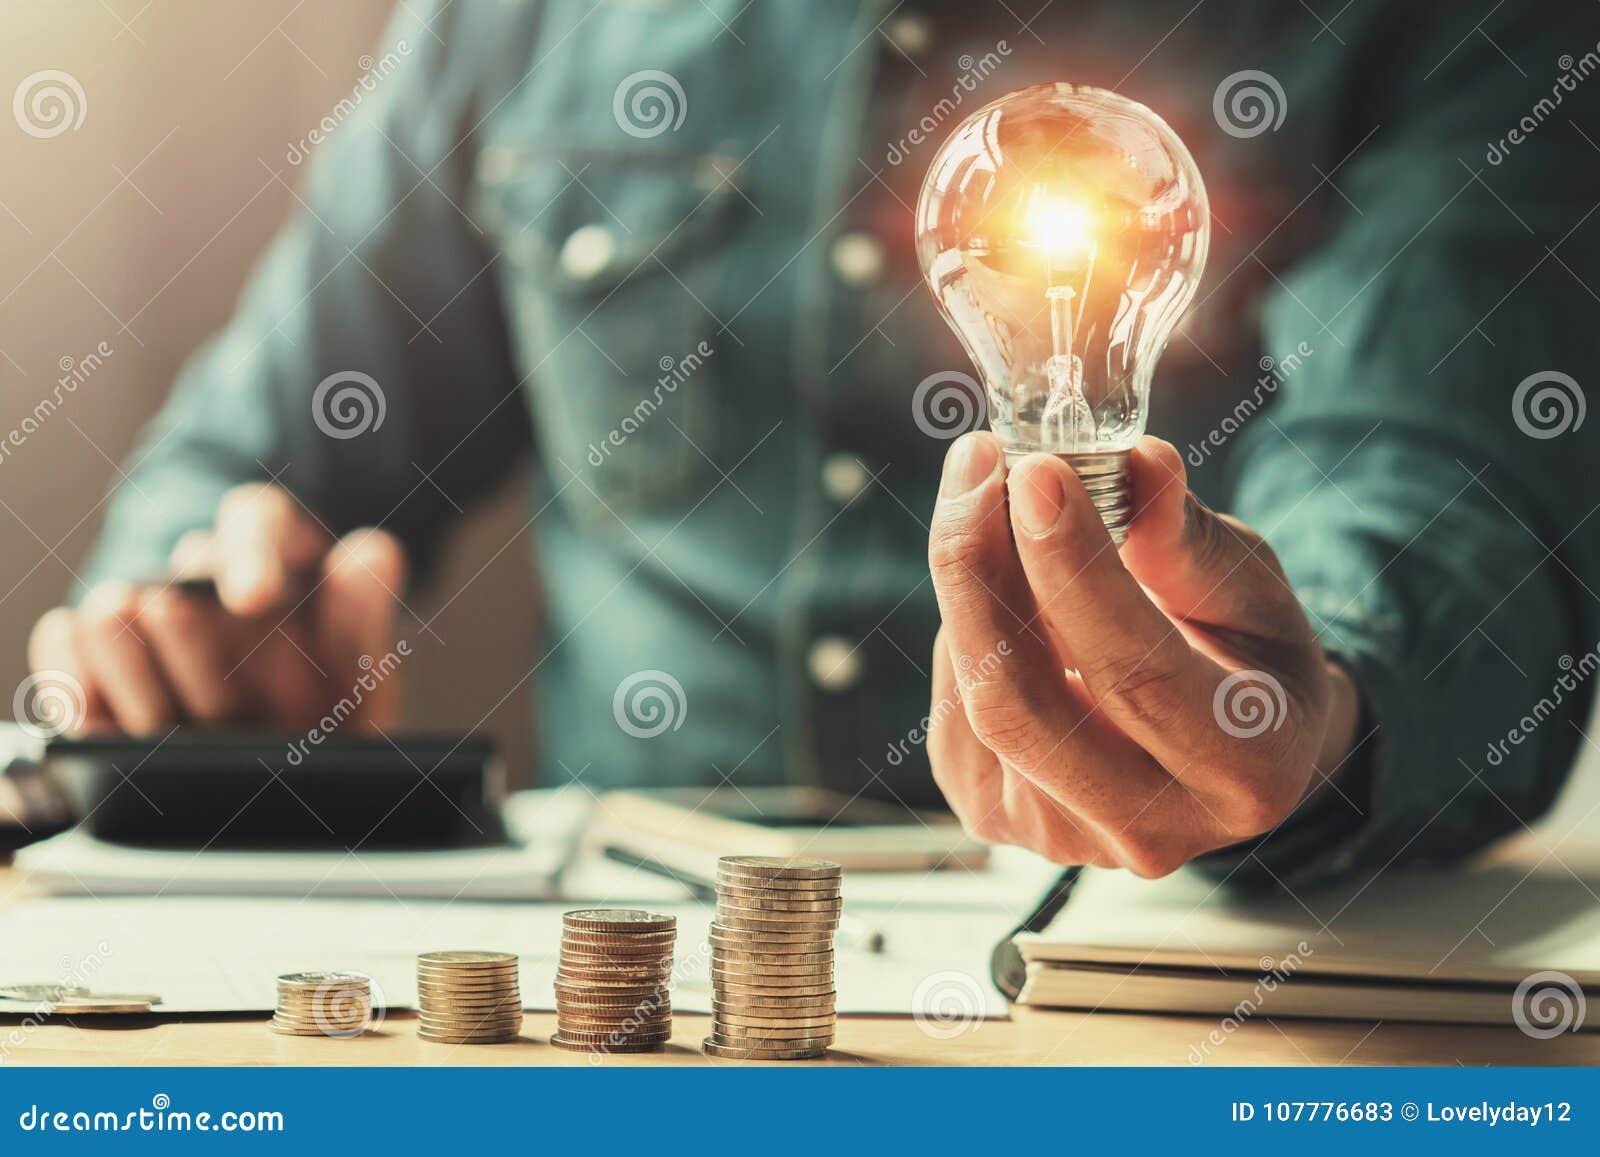 Geschäftsfinanzierung und Einsparungsenergie neue Ideensolarenergie